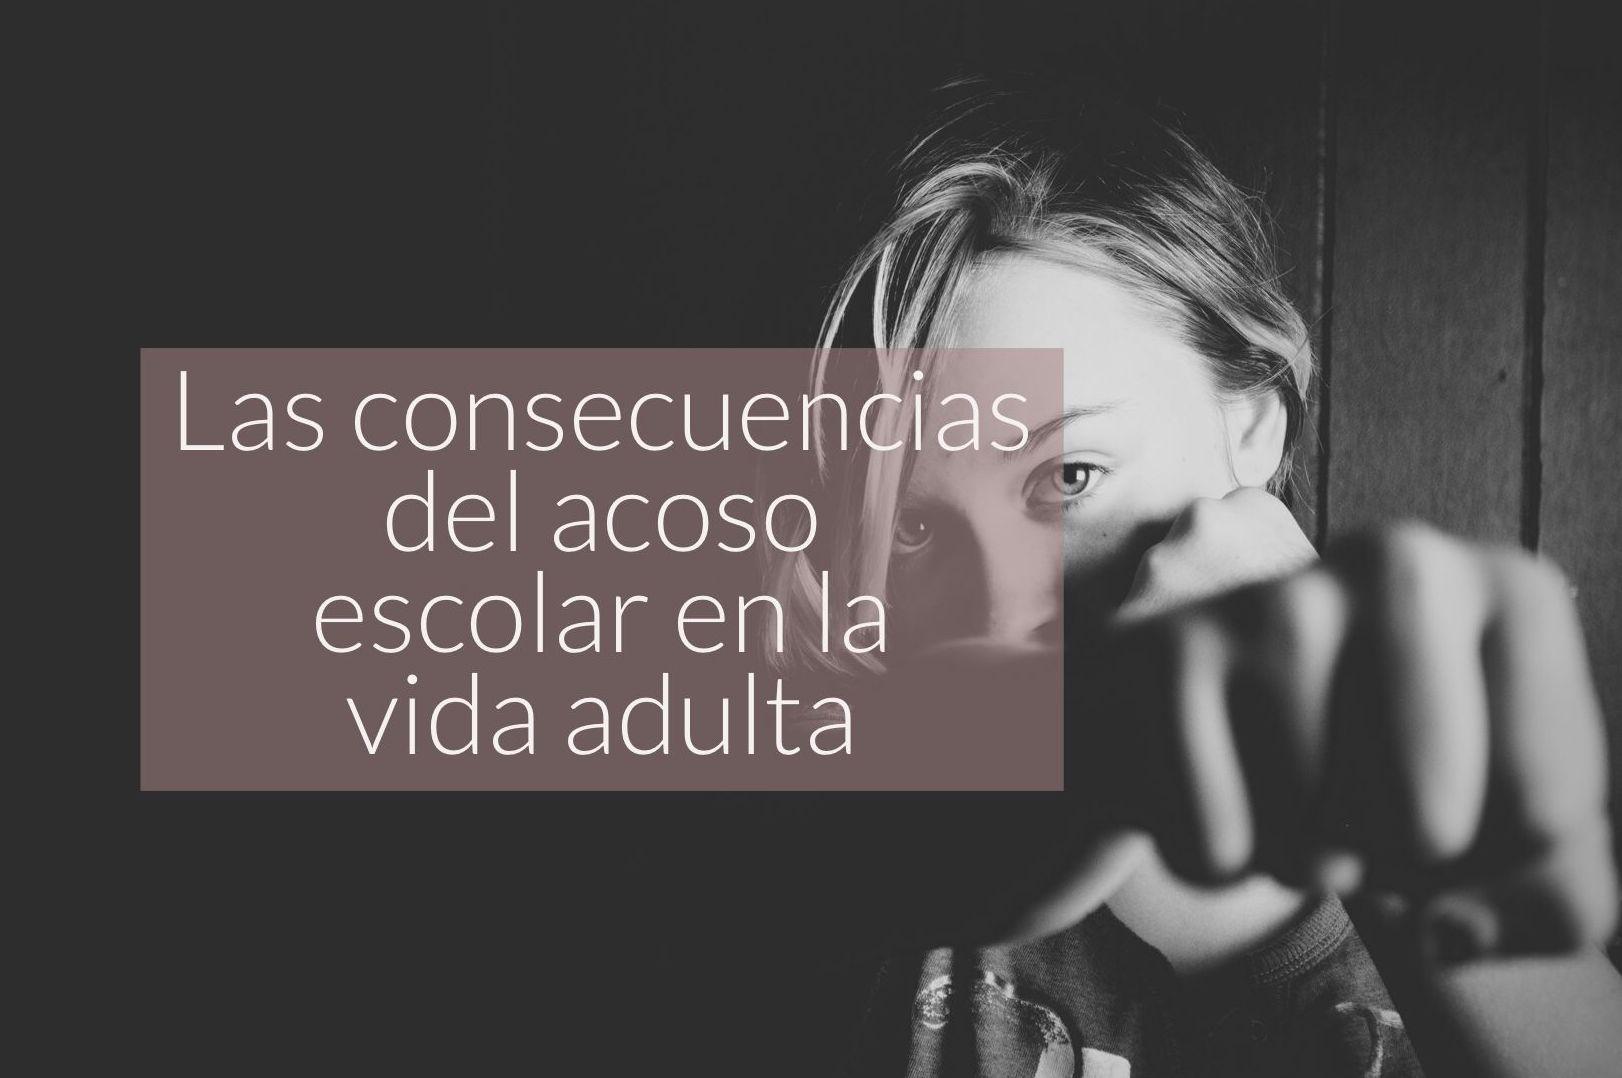 Las consecuencias del acoso escolar en la vida adulta